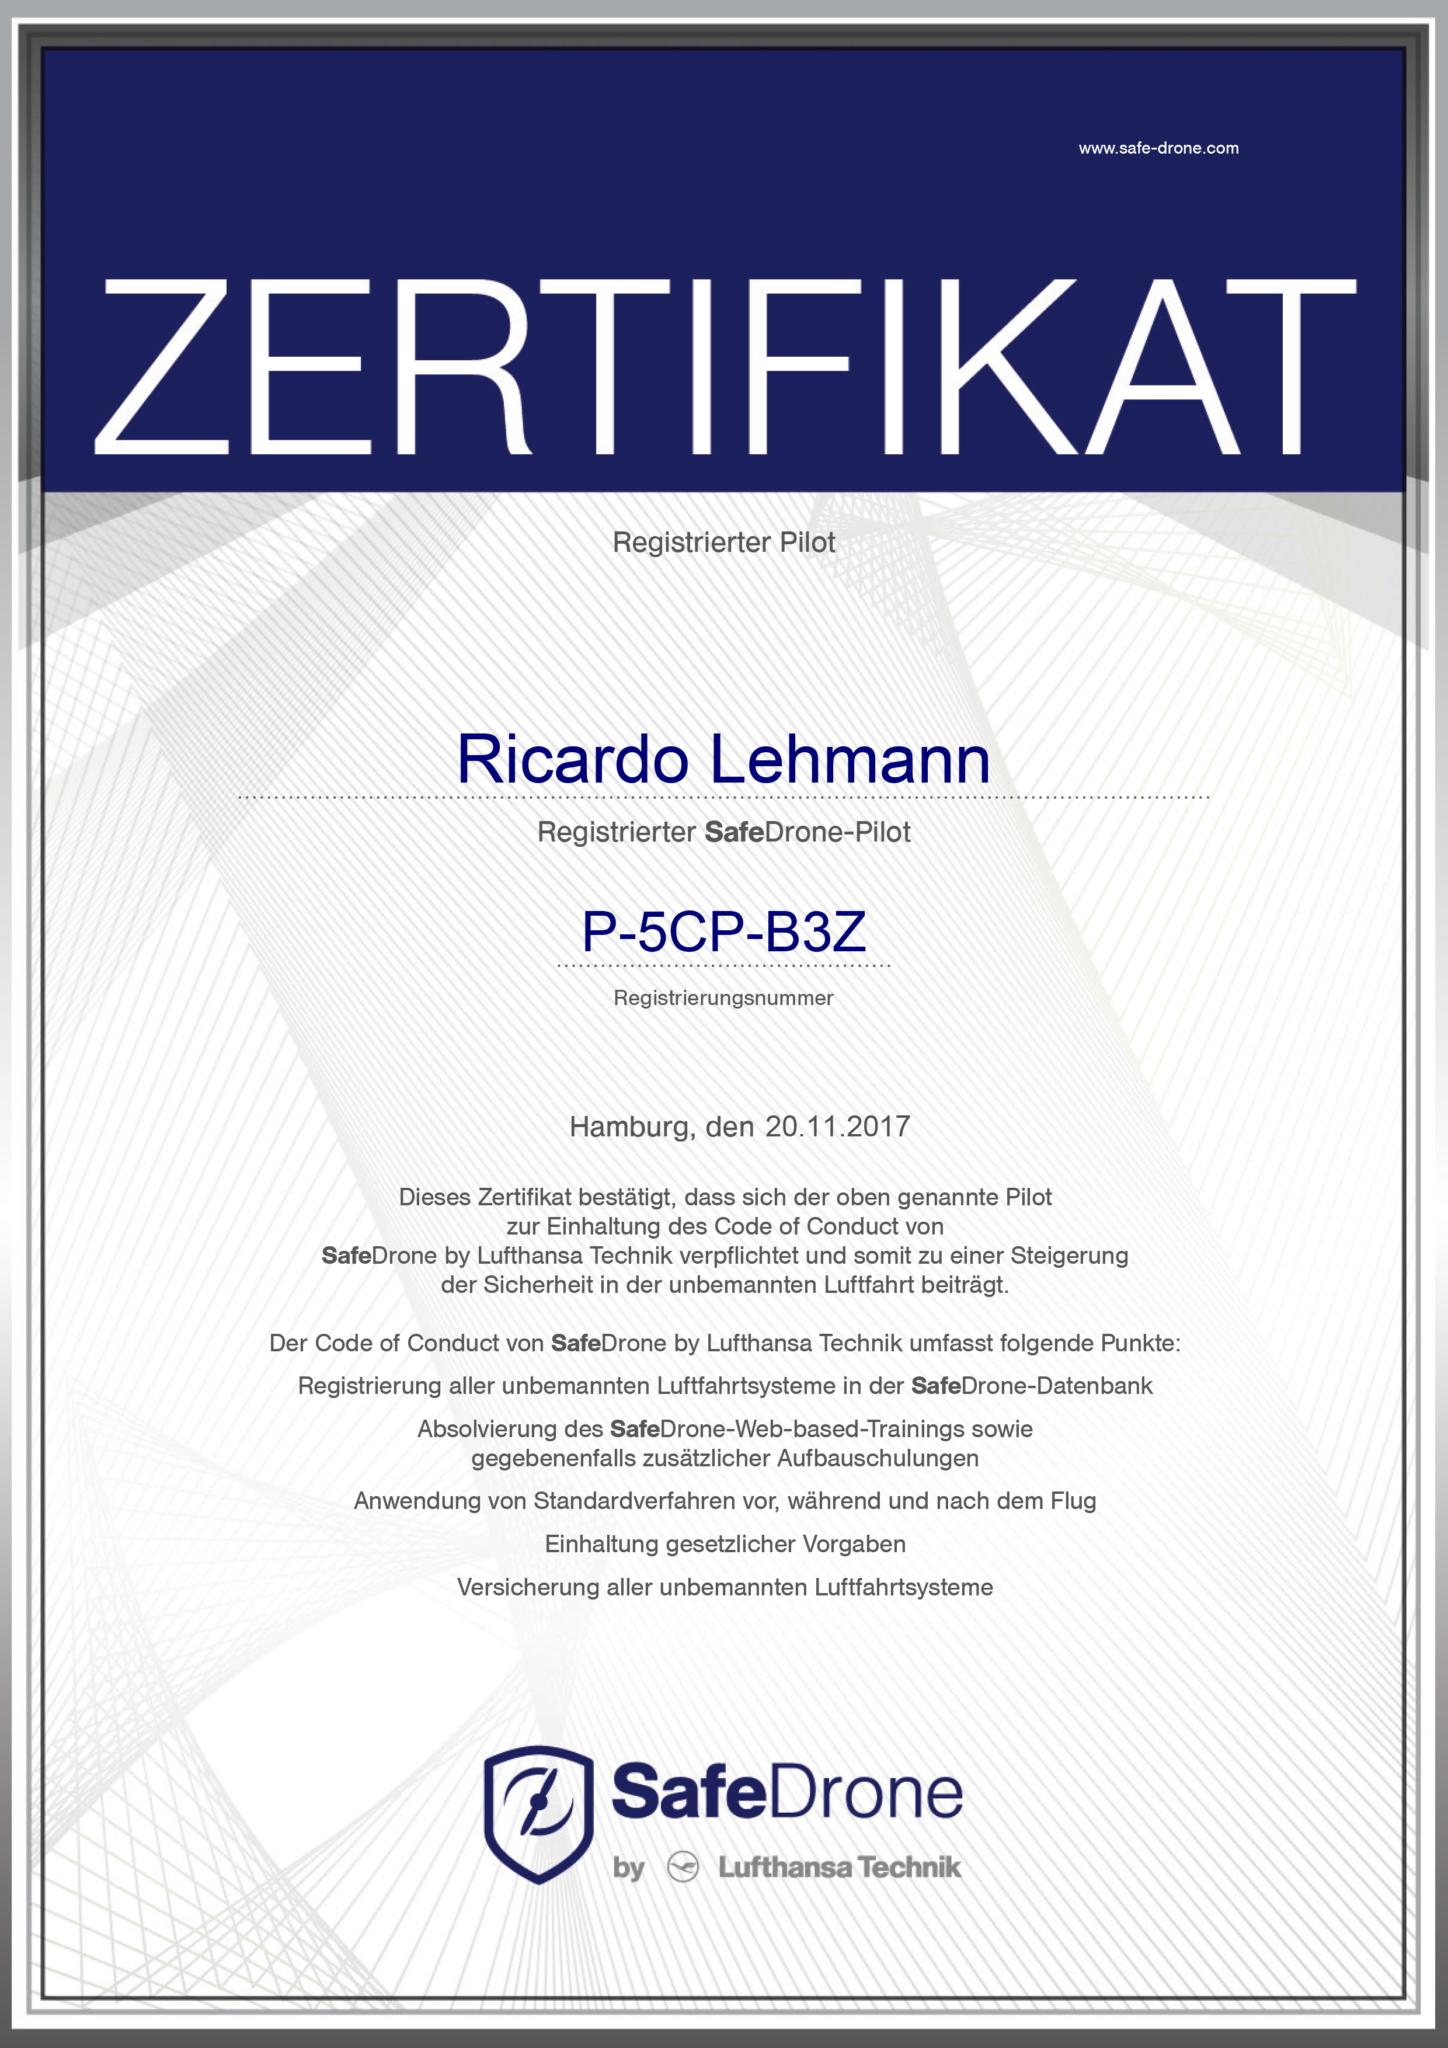 Zertifikat Drohnenpilot